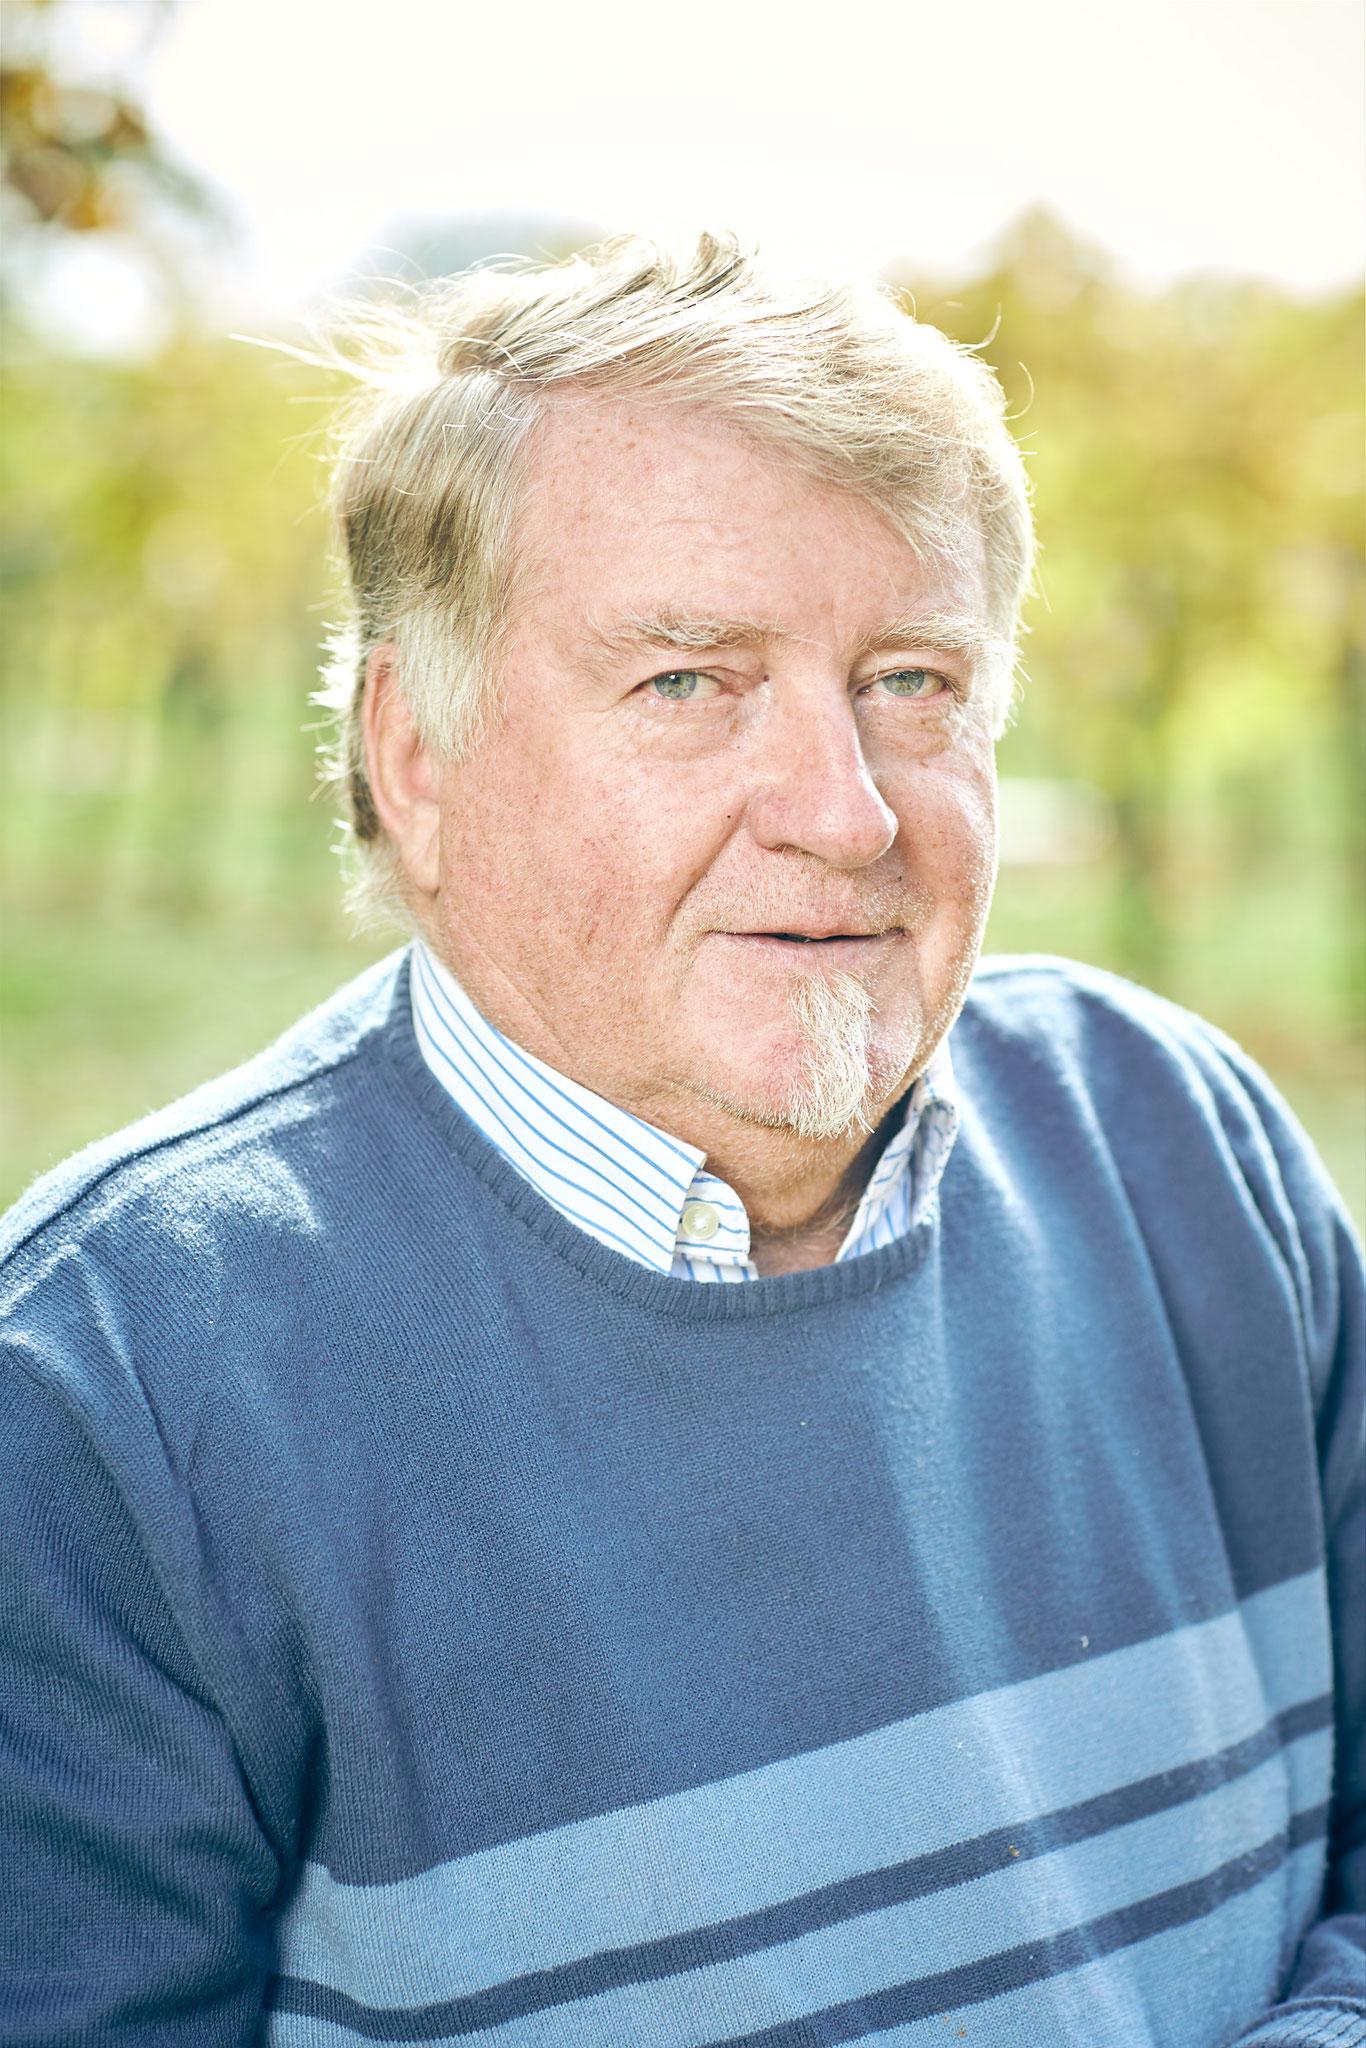 Luis Platzer - Seniorchef und Chefmaschinist am Hof, unterstützt mit seiner wertvollen Erfahrung